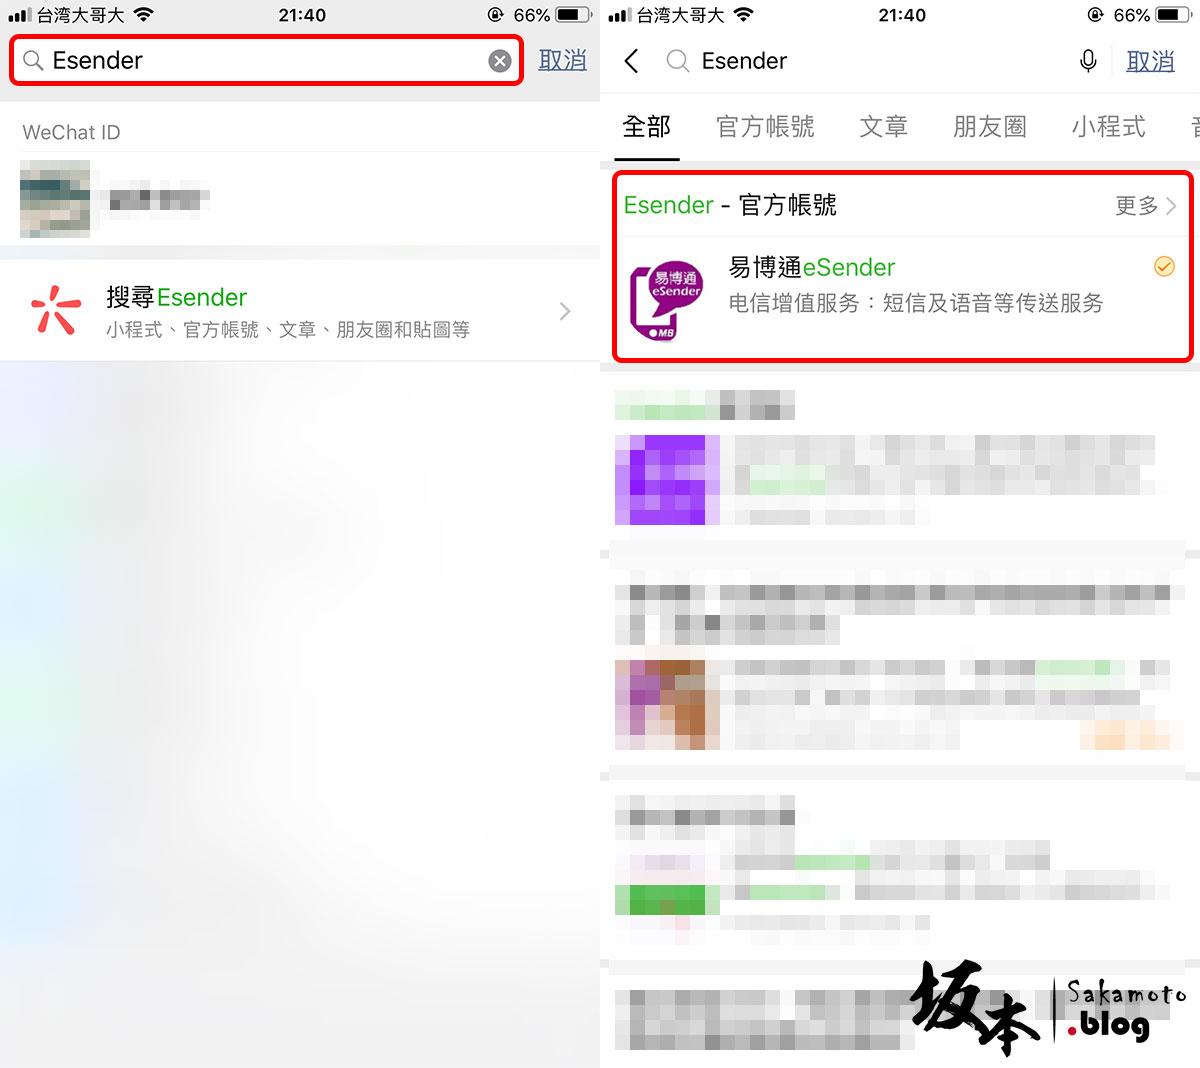 易博通 eSender 申請中國門號免SIM卡 4